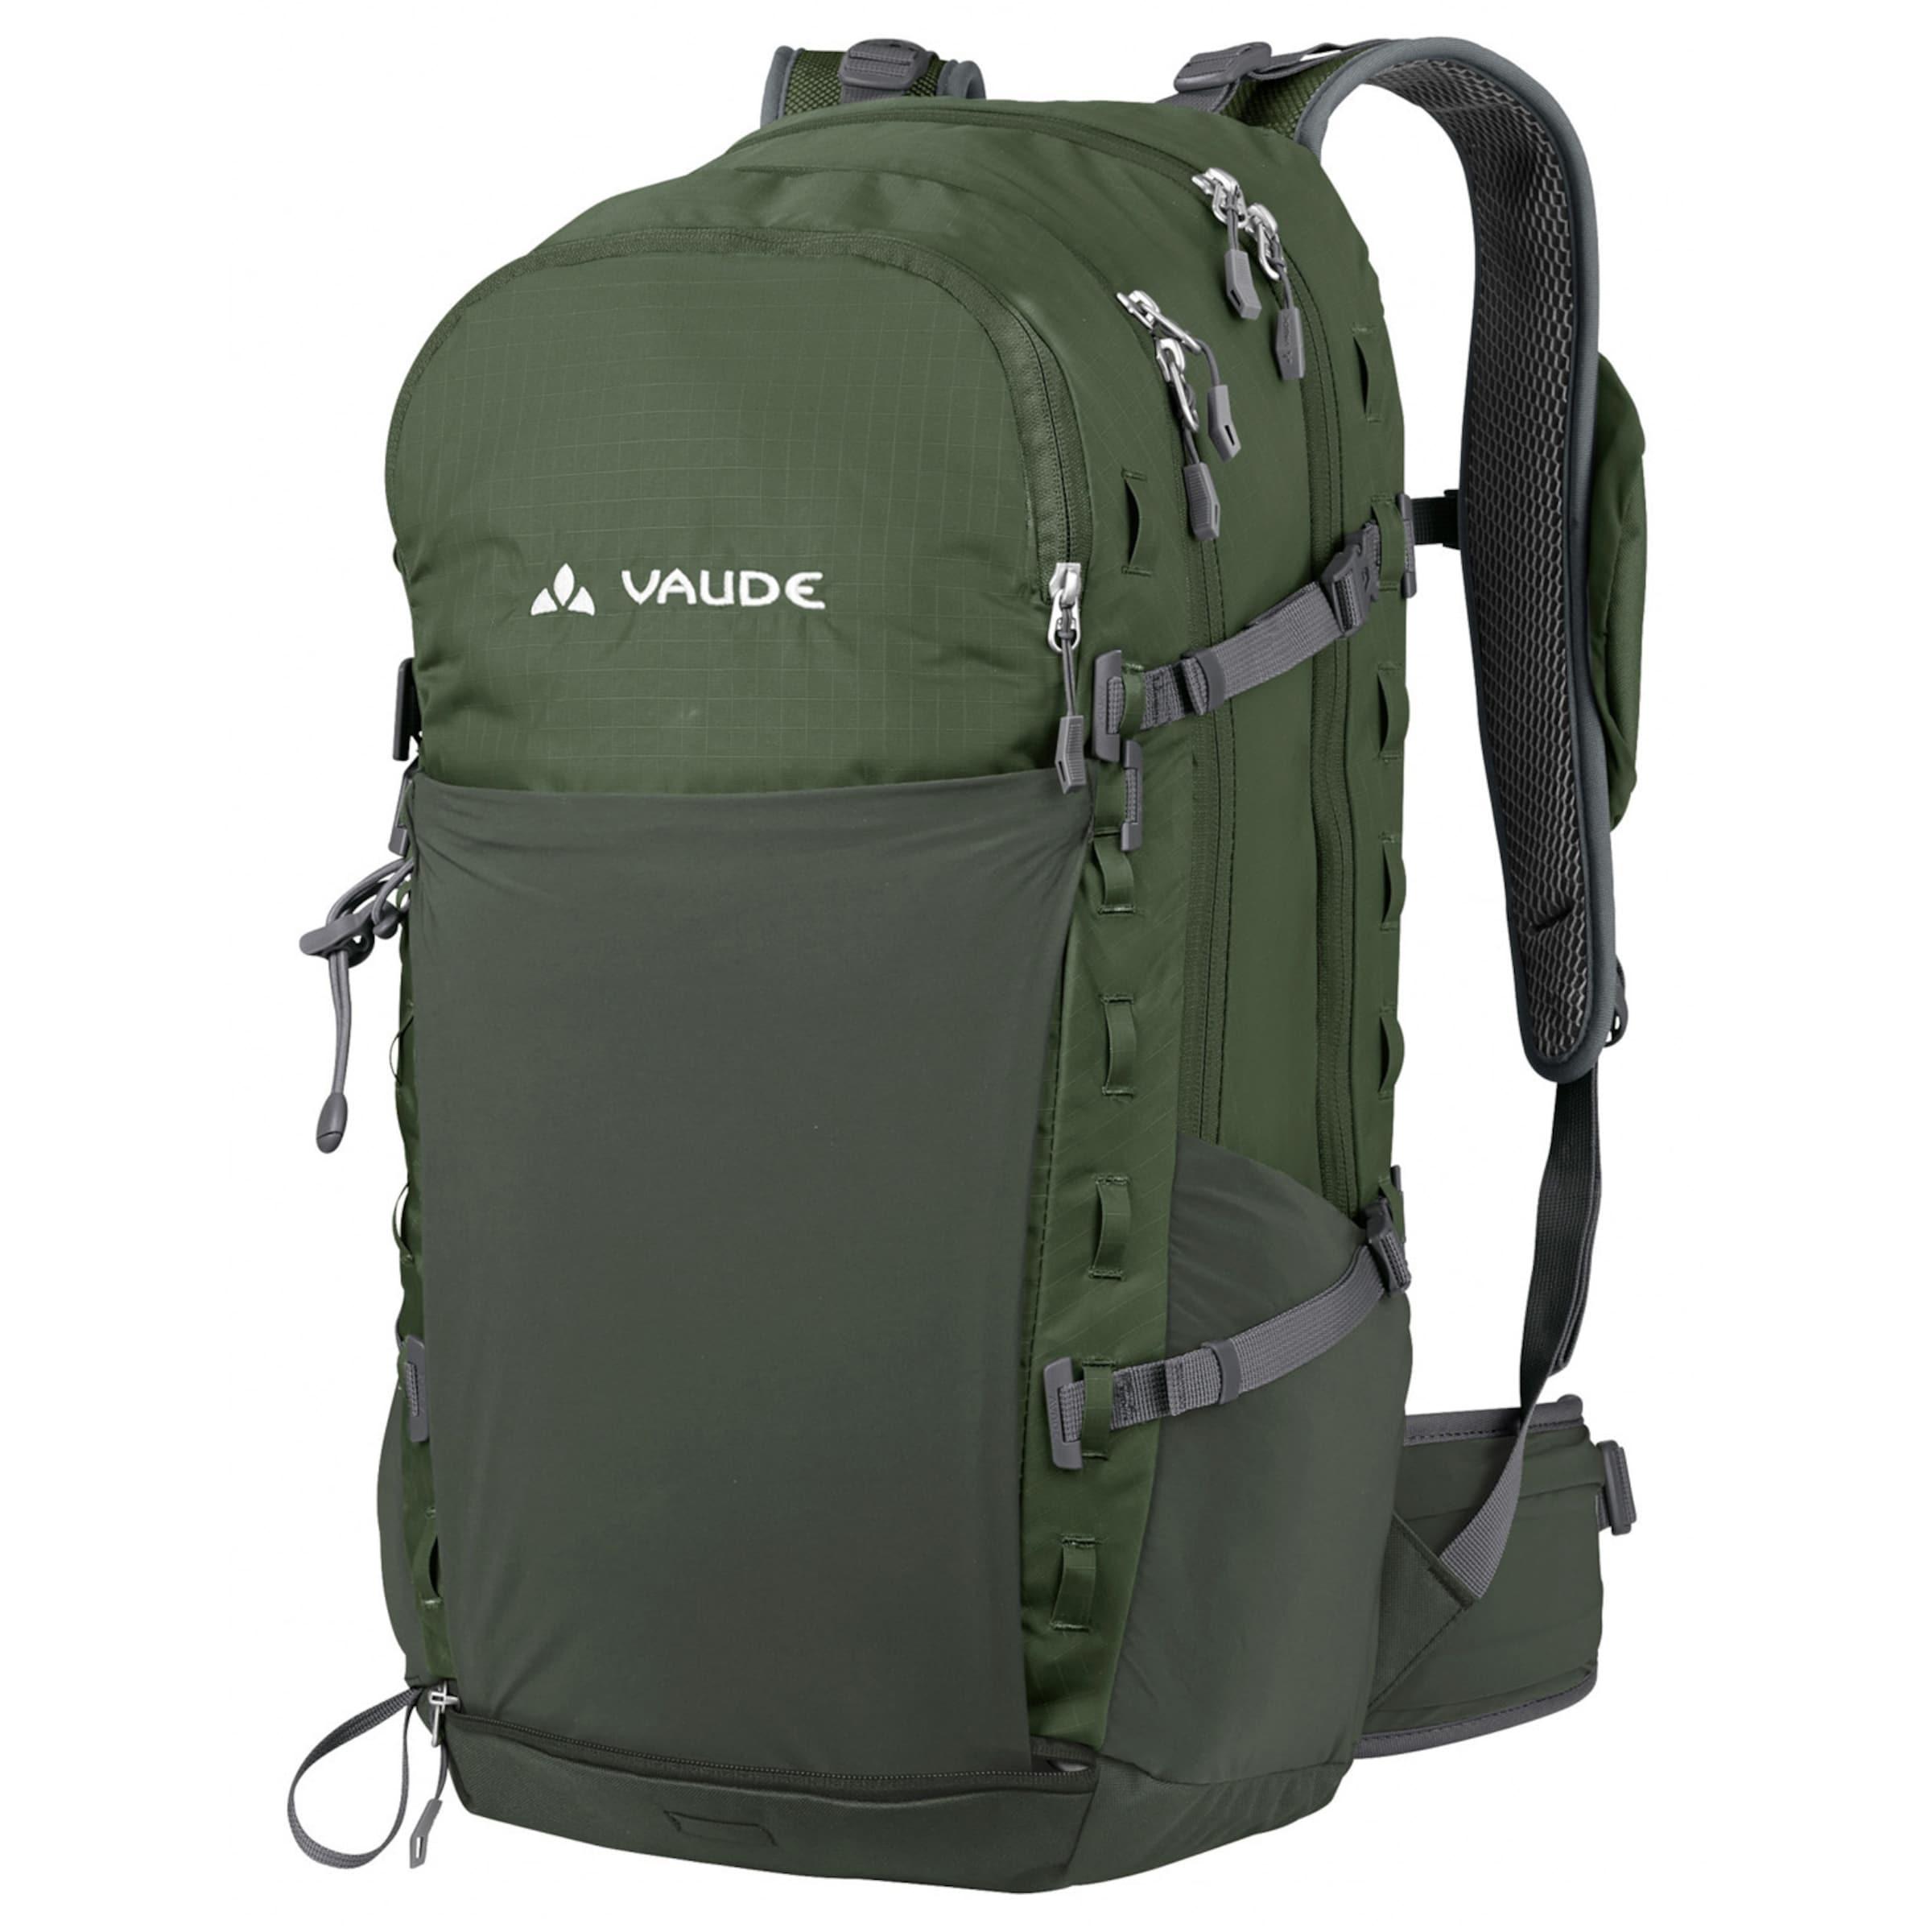 VAUDE Rucksack 53 cm Laptopfach 'Trek & Trail Varyd 30' Online-Shop Aus Deutschland Discount-Marke Neue Unisex Freiheit Genießen Verkauf Große Überraschung Ja25N